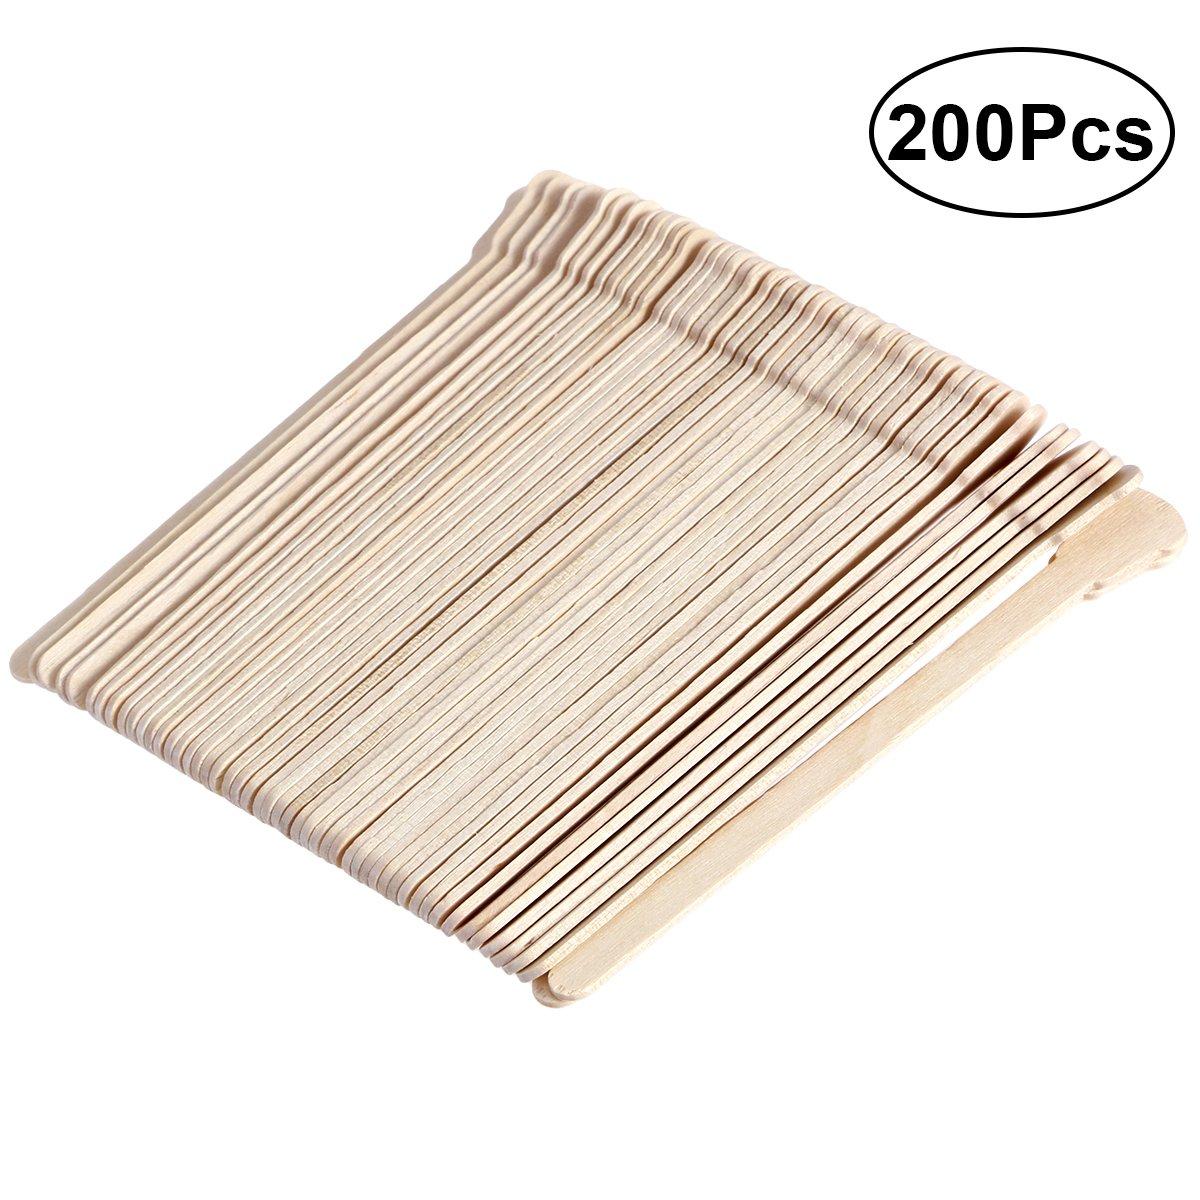 Frcolor 200Pcs Wax Applicator Sticks,Disposable Wooden Depressors Spatulas (Original Wooden Color)